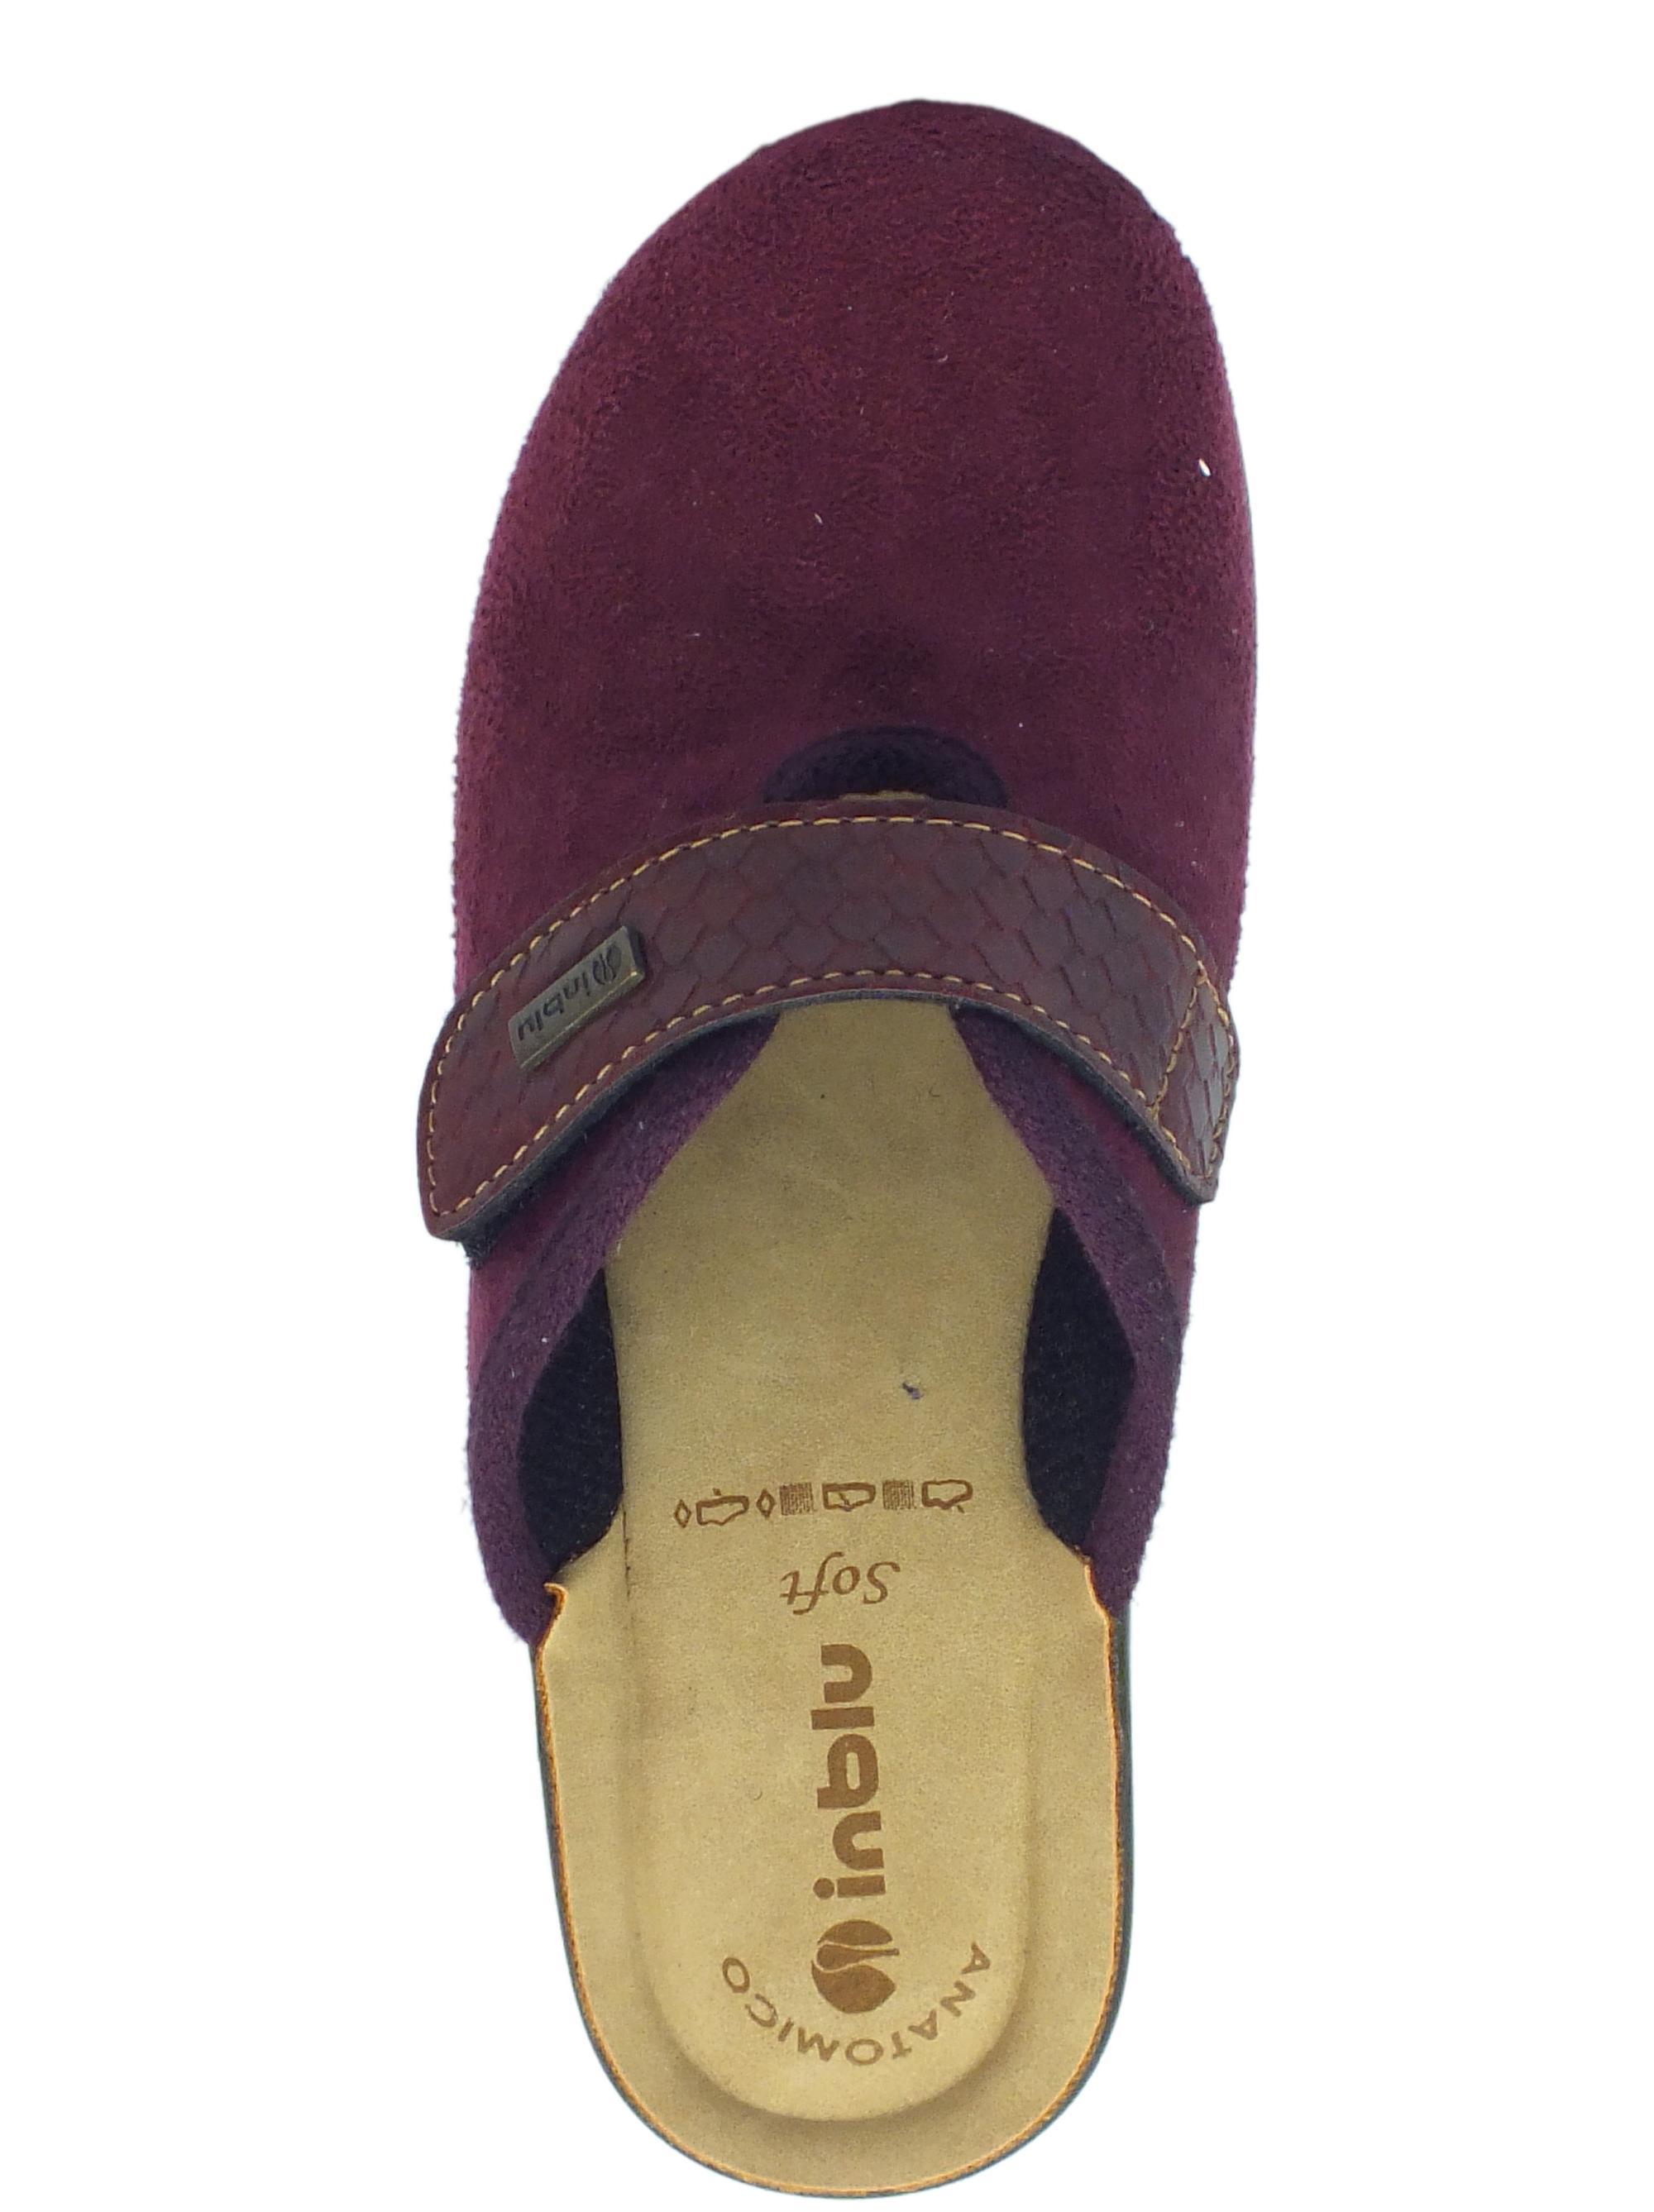 Pantofole InBlu donna tessuto prugna chiusura a strappo - Vitiello ... 1187efd5a30